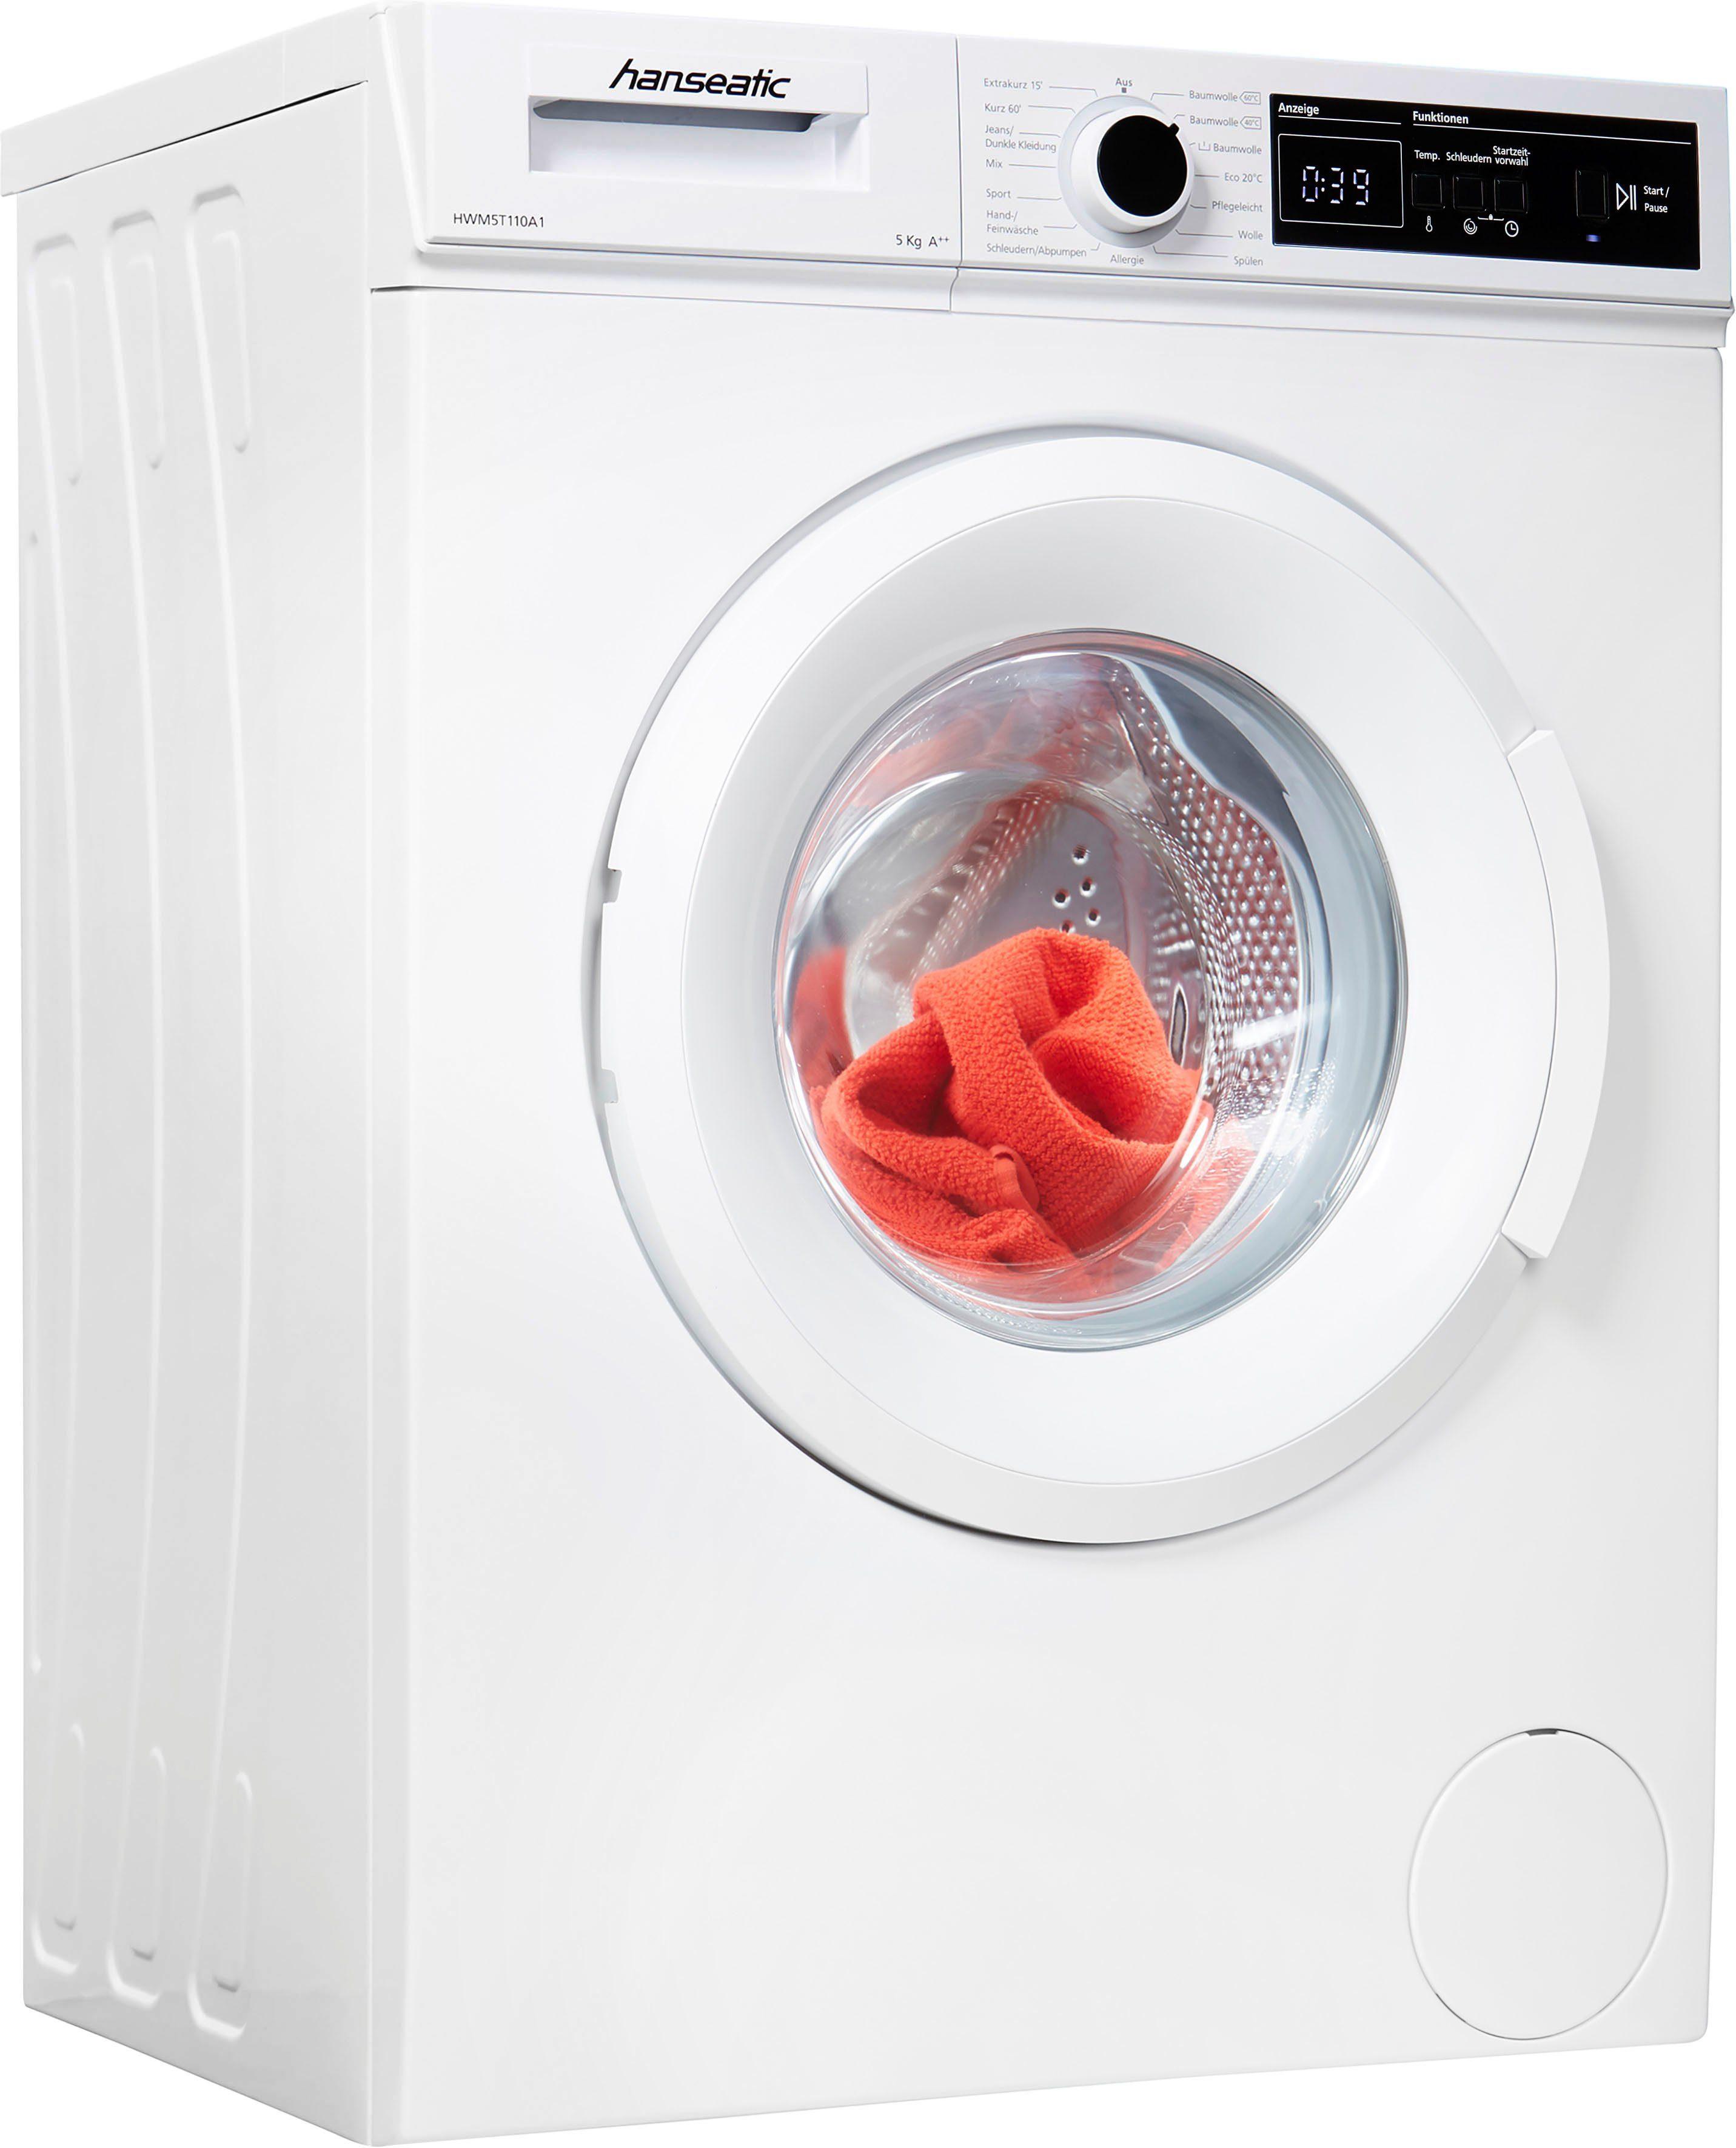 Pakraunamos iš priekio skalbimo mašinos